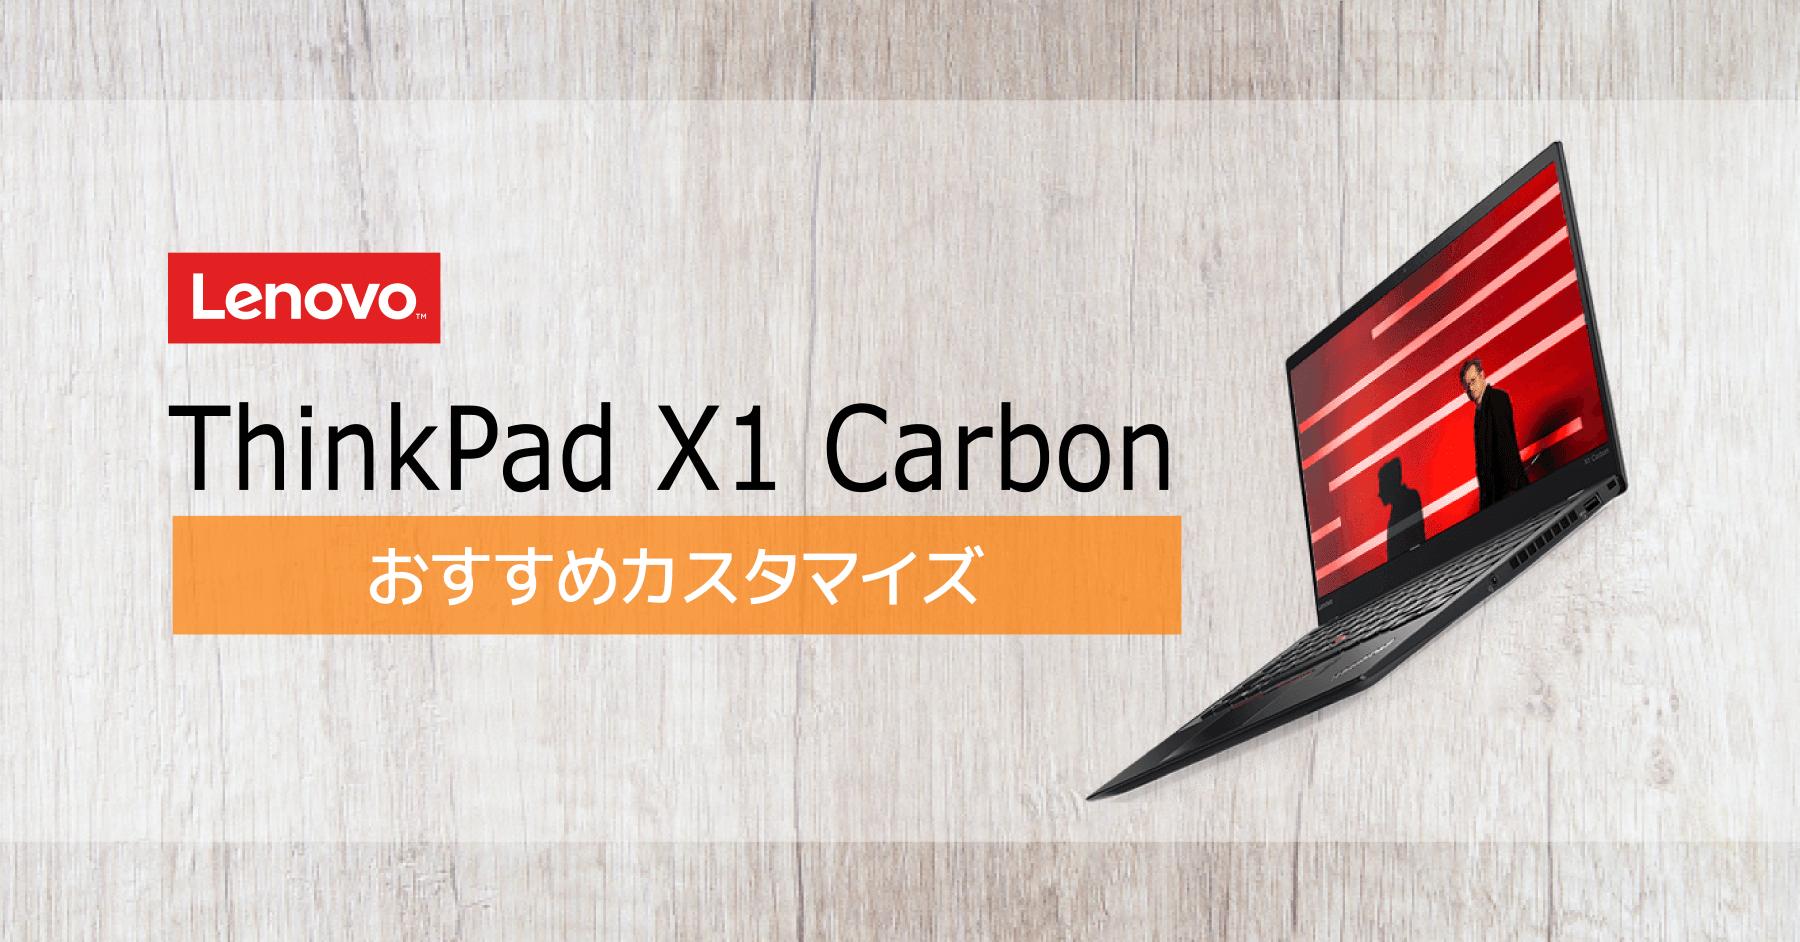 Lenovo ThinkPad X1 Carbon おすすめのスペック!購入時のカスタマイズ項目